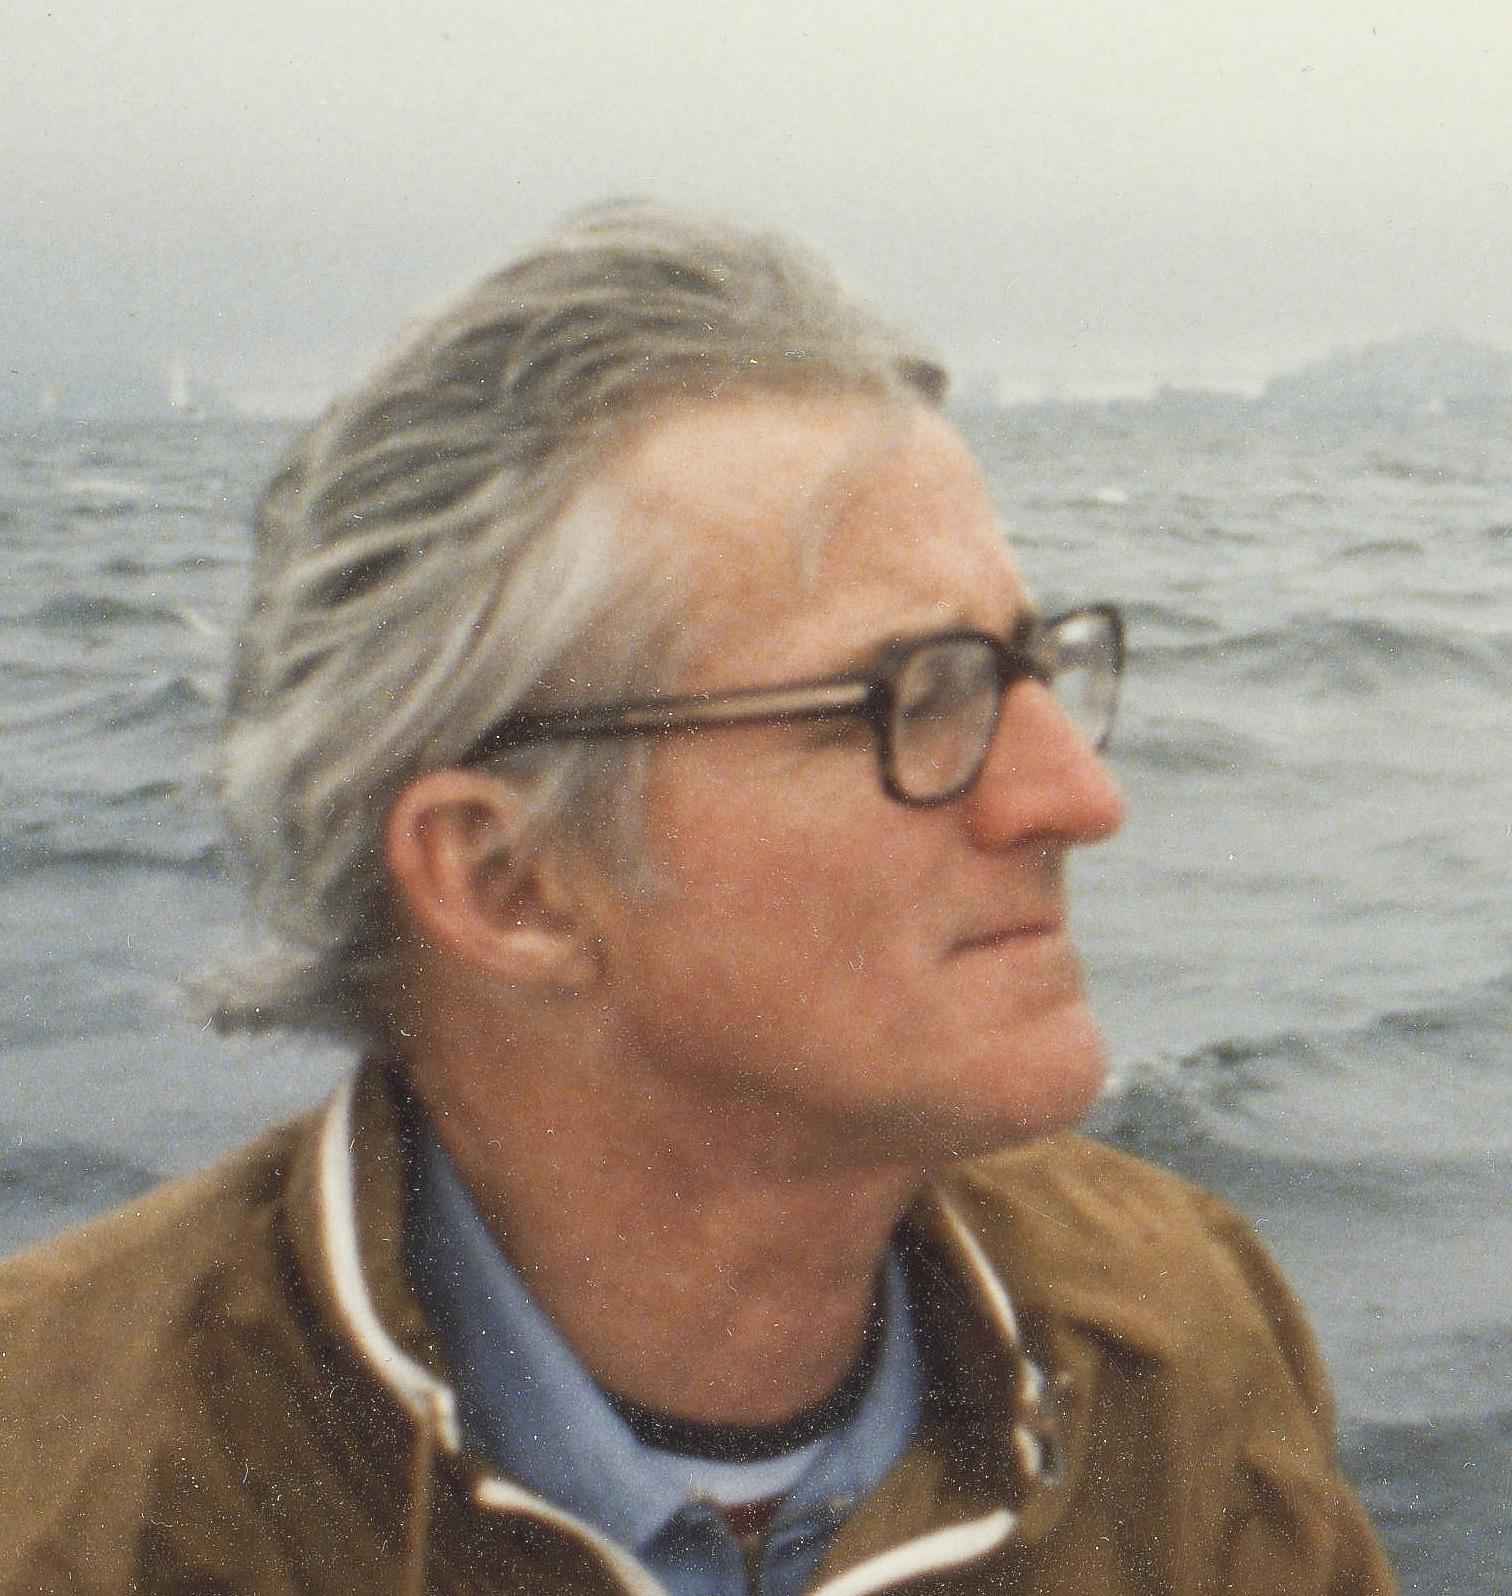 John Chambers Osmond, Jr